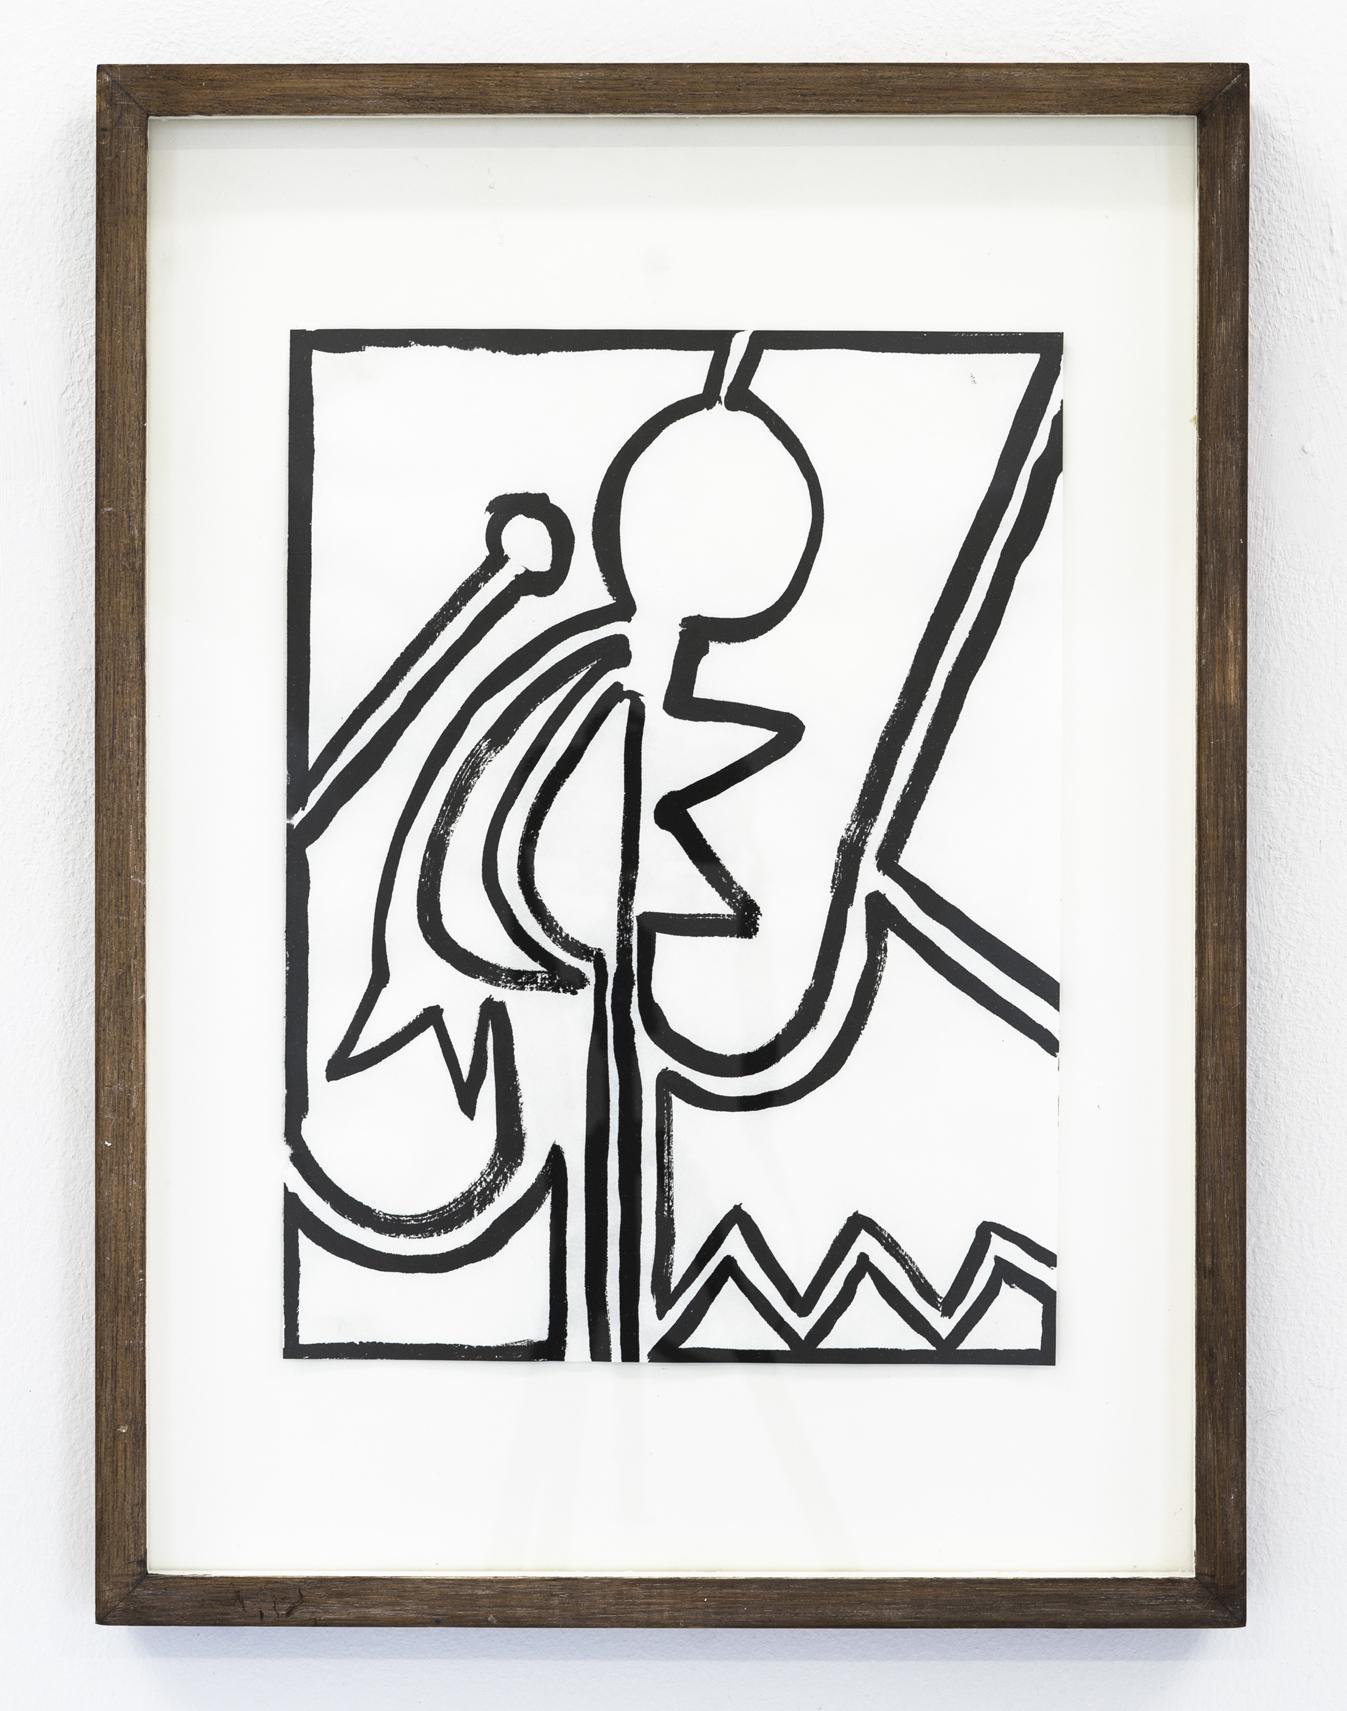 Markus Matt - Bläcket mot sumi-e pappret för tanken till kalligrafi. Teckningen har linjen gemensamt med skriften. Bilden är en mening, skriven inte från vänster till höger utan från pappret ut i rummet. Orden har inte längre en linjär följd, tidens flöde bryts. Orden är samtidigt.Dessa bilder, eller anteckningar, har liknande struktur som drömmar. I en dröm befann jag mig på en plats som var en skridskobana-eller-lekplats-eller-skolgård-eller-park.I drömmen var platsen allt detta samtidigt, och säkert mer. I språket måste den delas upp.I bilden sägs hela platsen på en gång./The ink against the sumi-e paper brings calligraphy to mind. Drawing has the line in common with writing. The image is a sentence, written, not left to right, but from the paper out into the room. The words no longer follow a linear path, the flow of time is interrupted. The words are at once.These images, or notes, have a similar structure to dreams. In a dream I was in a place which was an ice-skating-rink-or-playground-or-schoolyard-or-park. In the dream the place was all of this at the same time, and probably more. In language it has to be divided. In the image the whole place is said at once.Marcus Matt är född 1992 i Dalköpinge, bor och arbetar i Malmö. Han har en MFA från Malmö Konsthögskola 2017 och ställde ut på Arnstedt 2018. I år visar Marcus fyra teckningar i tusch som utförts i ett svep, samt två bronsskulpturer.Matt är representerad i Region Skånes Konstsamling Landstinget Dalarnas Konstsamling och erhöll Bernadottestipendiet 2017 vilket innebar ett års ateljéstipendium på Konstakademien där han även gjorde en stor utställning. Matt har även ställt ut på bland annat ANNAELLE Gallery i Stockholm och Kunsthal Aarhus i Århus.